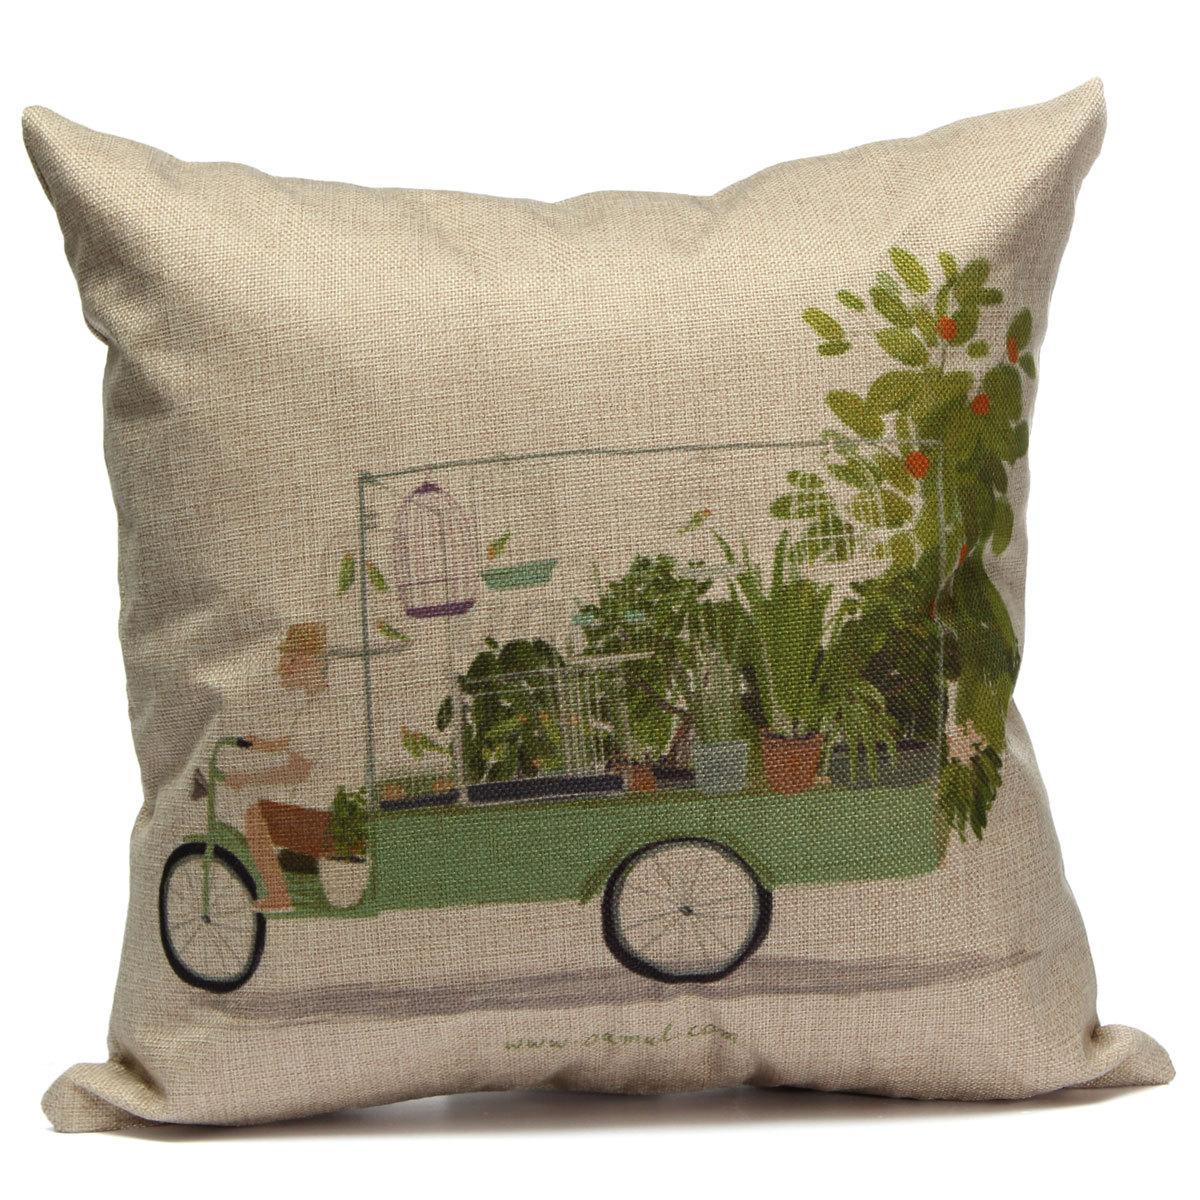 Vintage Square Linen Cotton Throw Pillow Case Cushion Cover Home Sofa Car Decor eBay